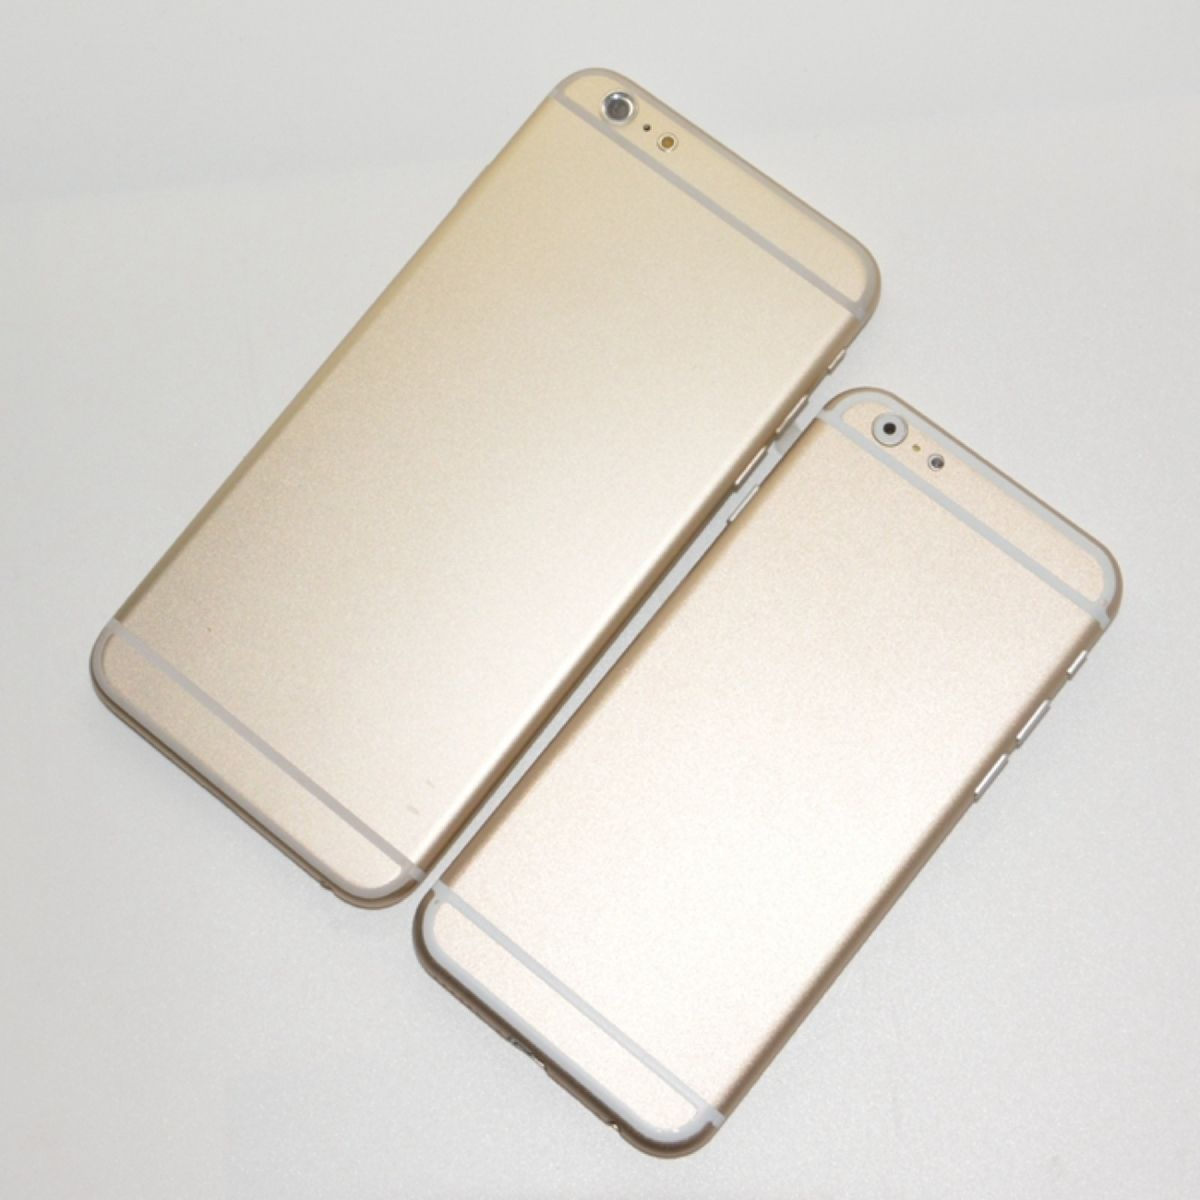 Slik ryktes de to nye iPhone-modellene å se ut.Foto: Sonny Dickson